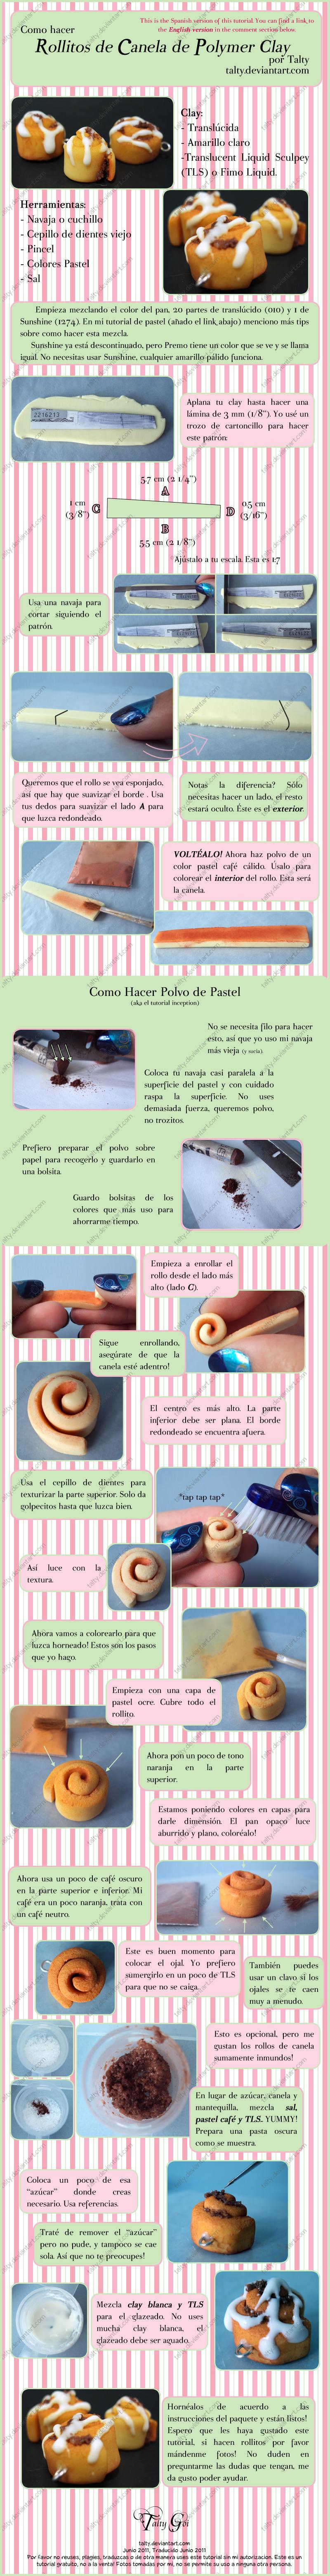 Rollo de Canela de Sculpey by Talty